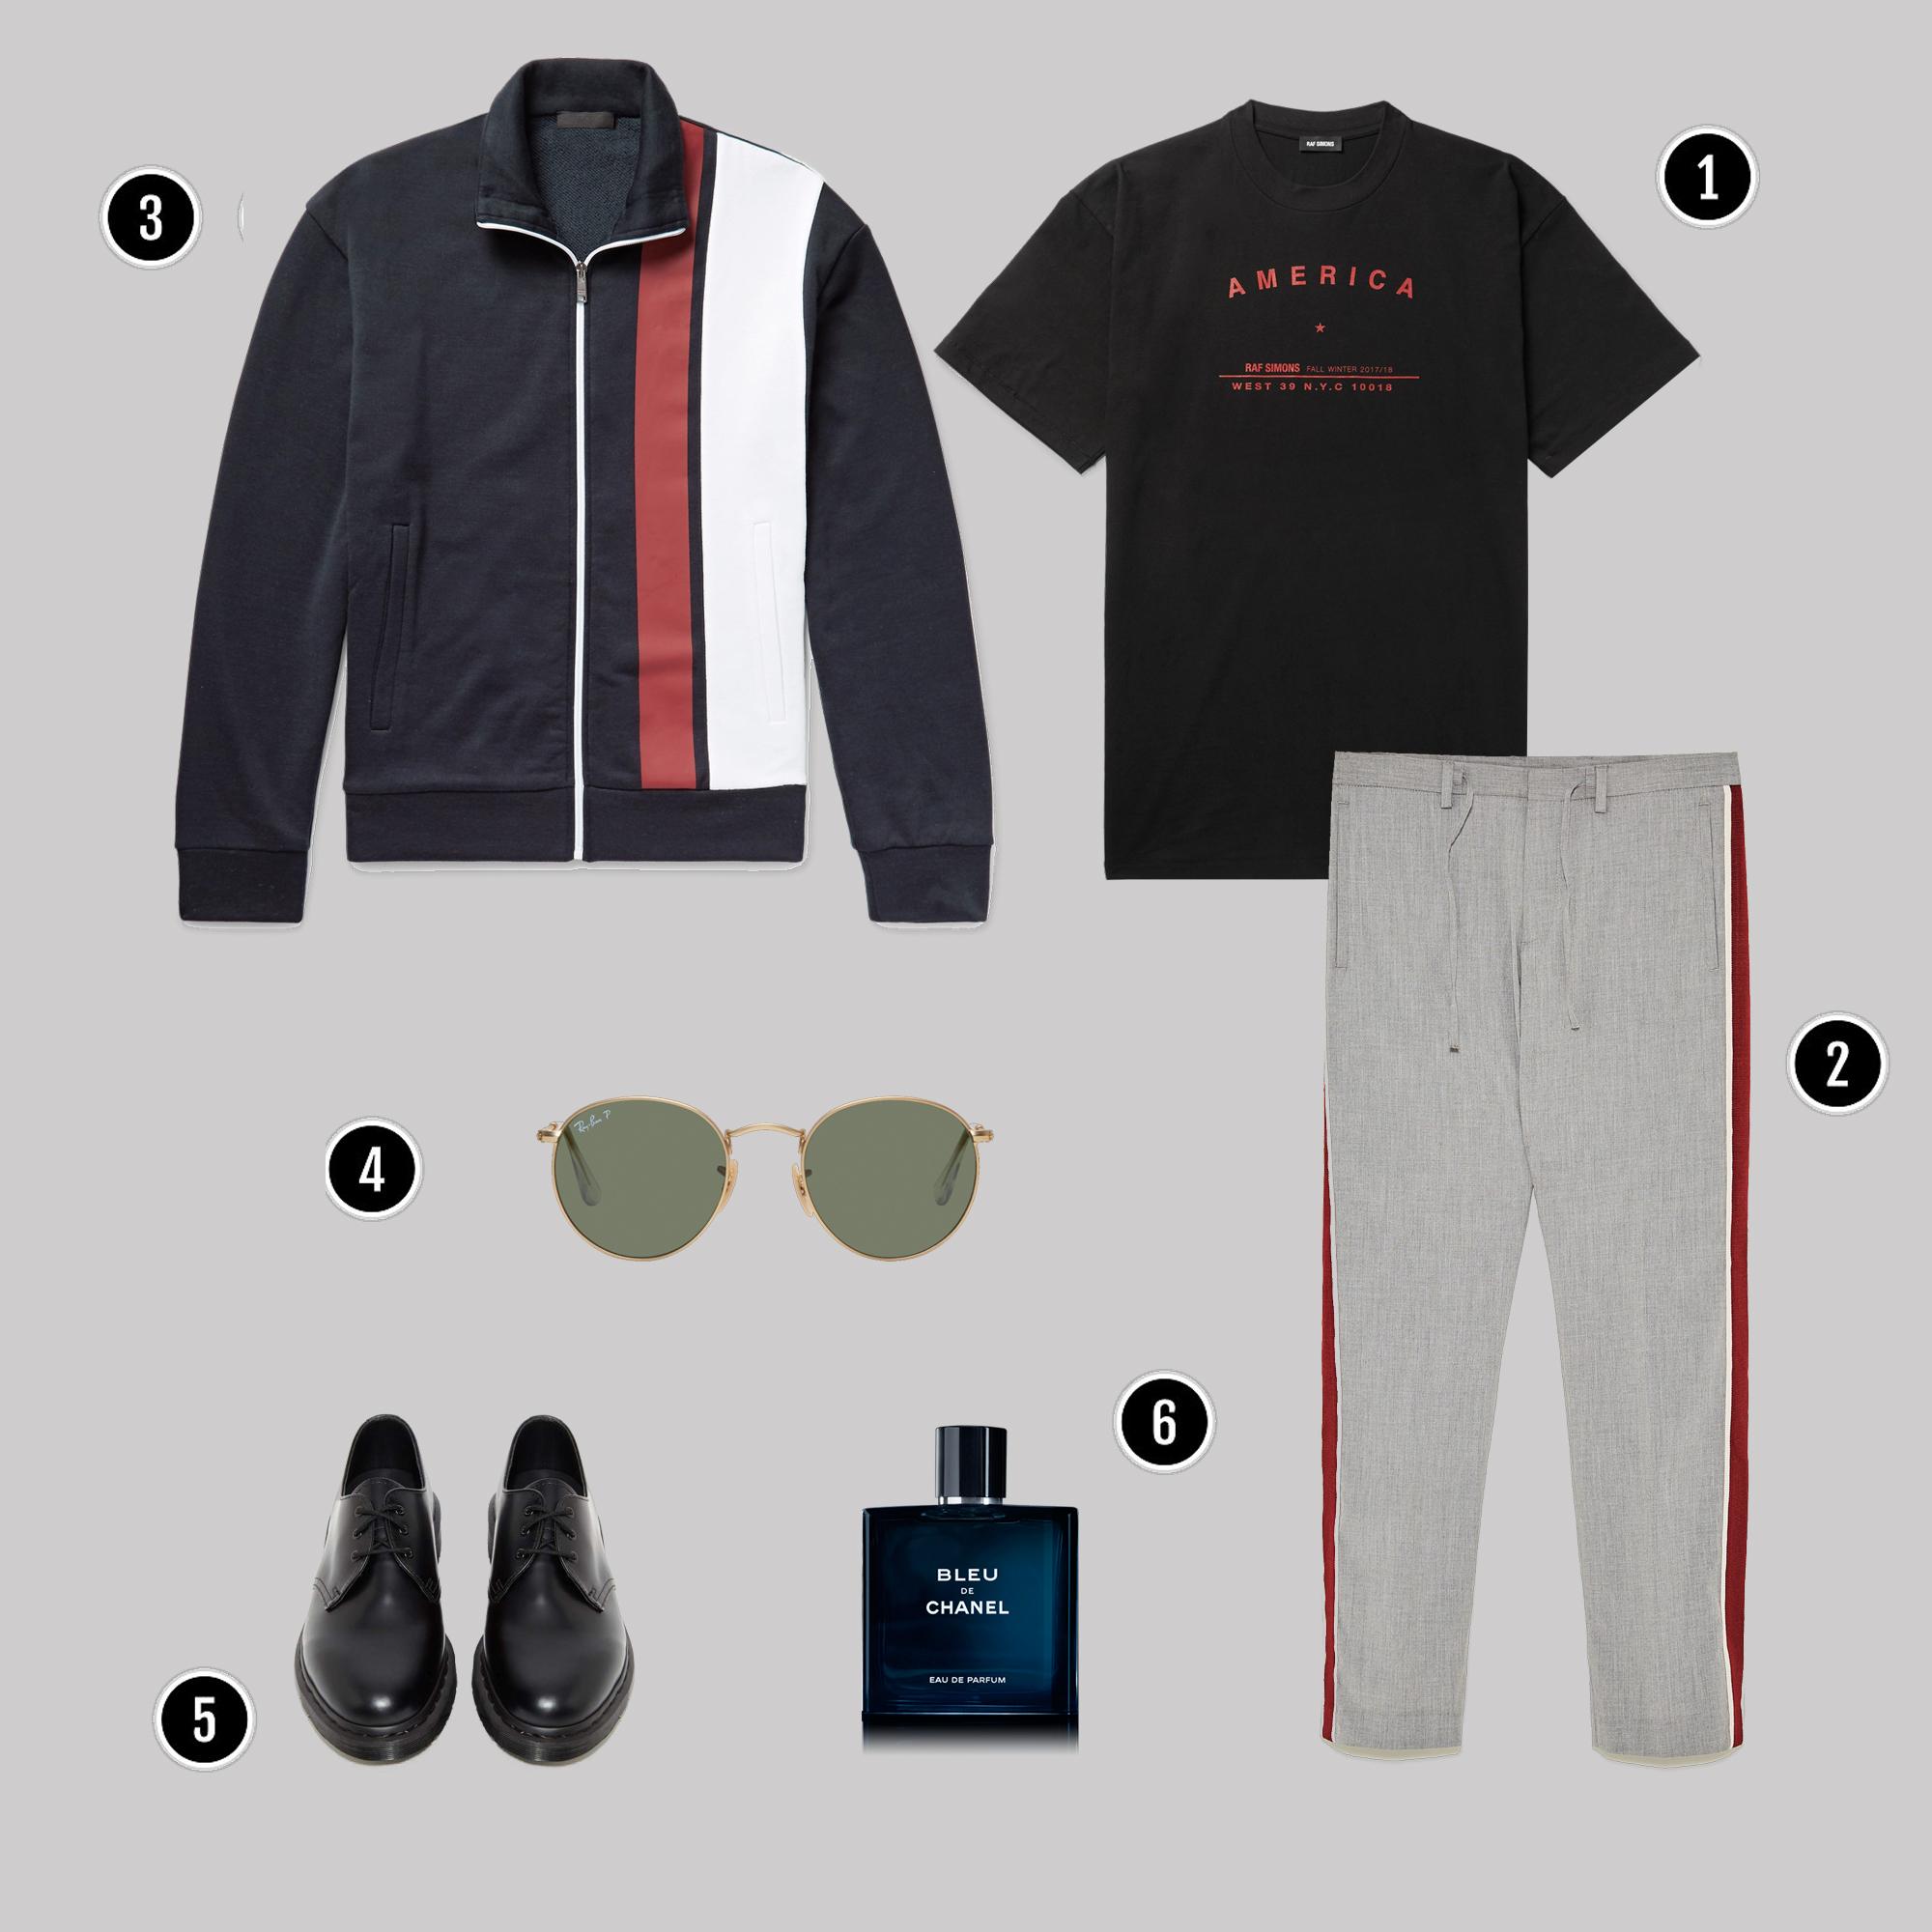 1. Áo: Raf Simons / 2. Quần: Zara / 3. Áo: Prada/ 4. Kính: Rayban / 5. Giày : Dr Martens / 6. Nước hoa: Chanel